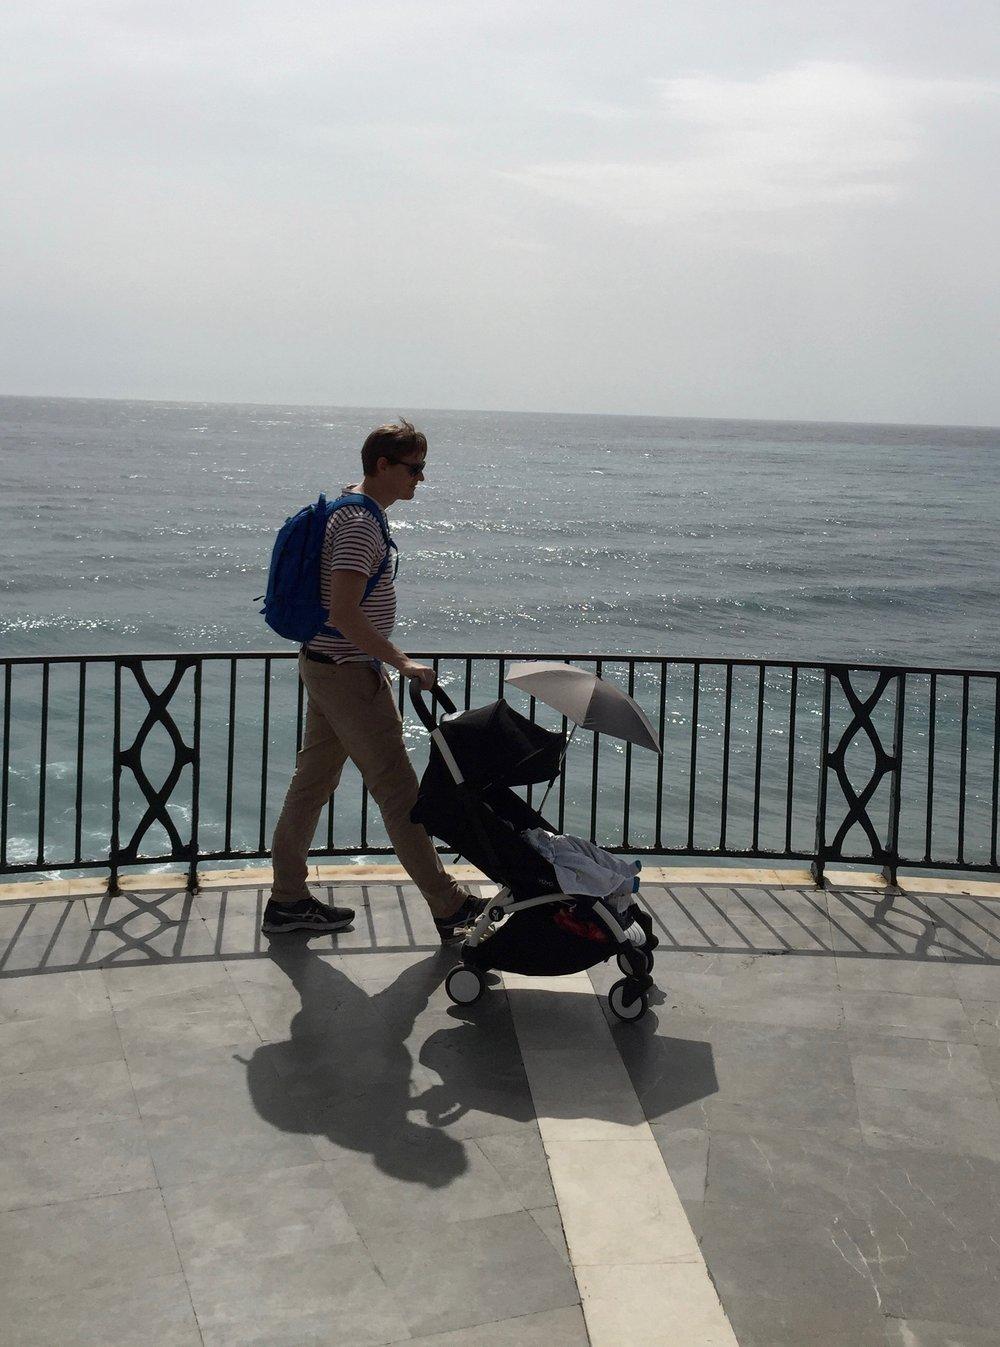 Heta lähetti kuvan Espanjasta: aurinkovarjo on ihan toimiva! Ja mieskin kehuu rattaiden liikkuvuutta.